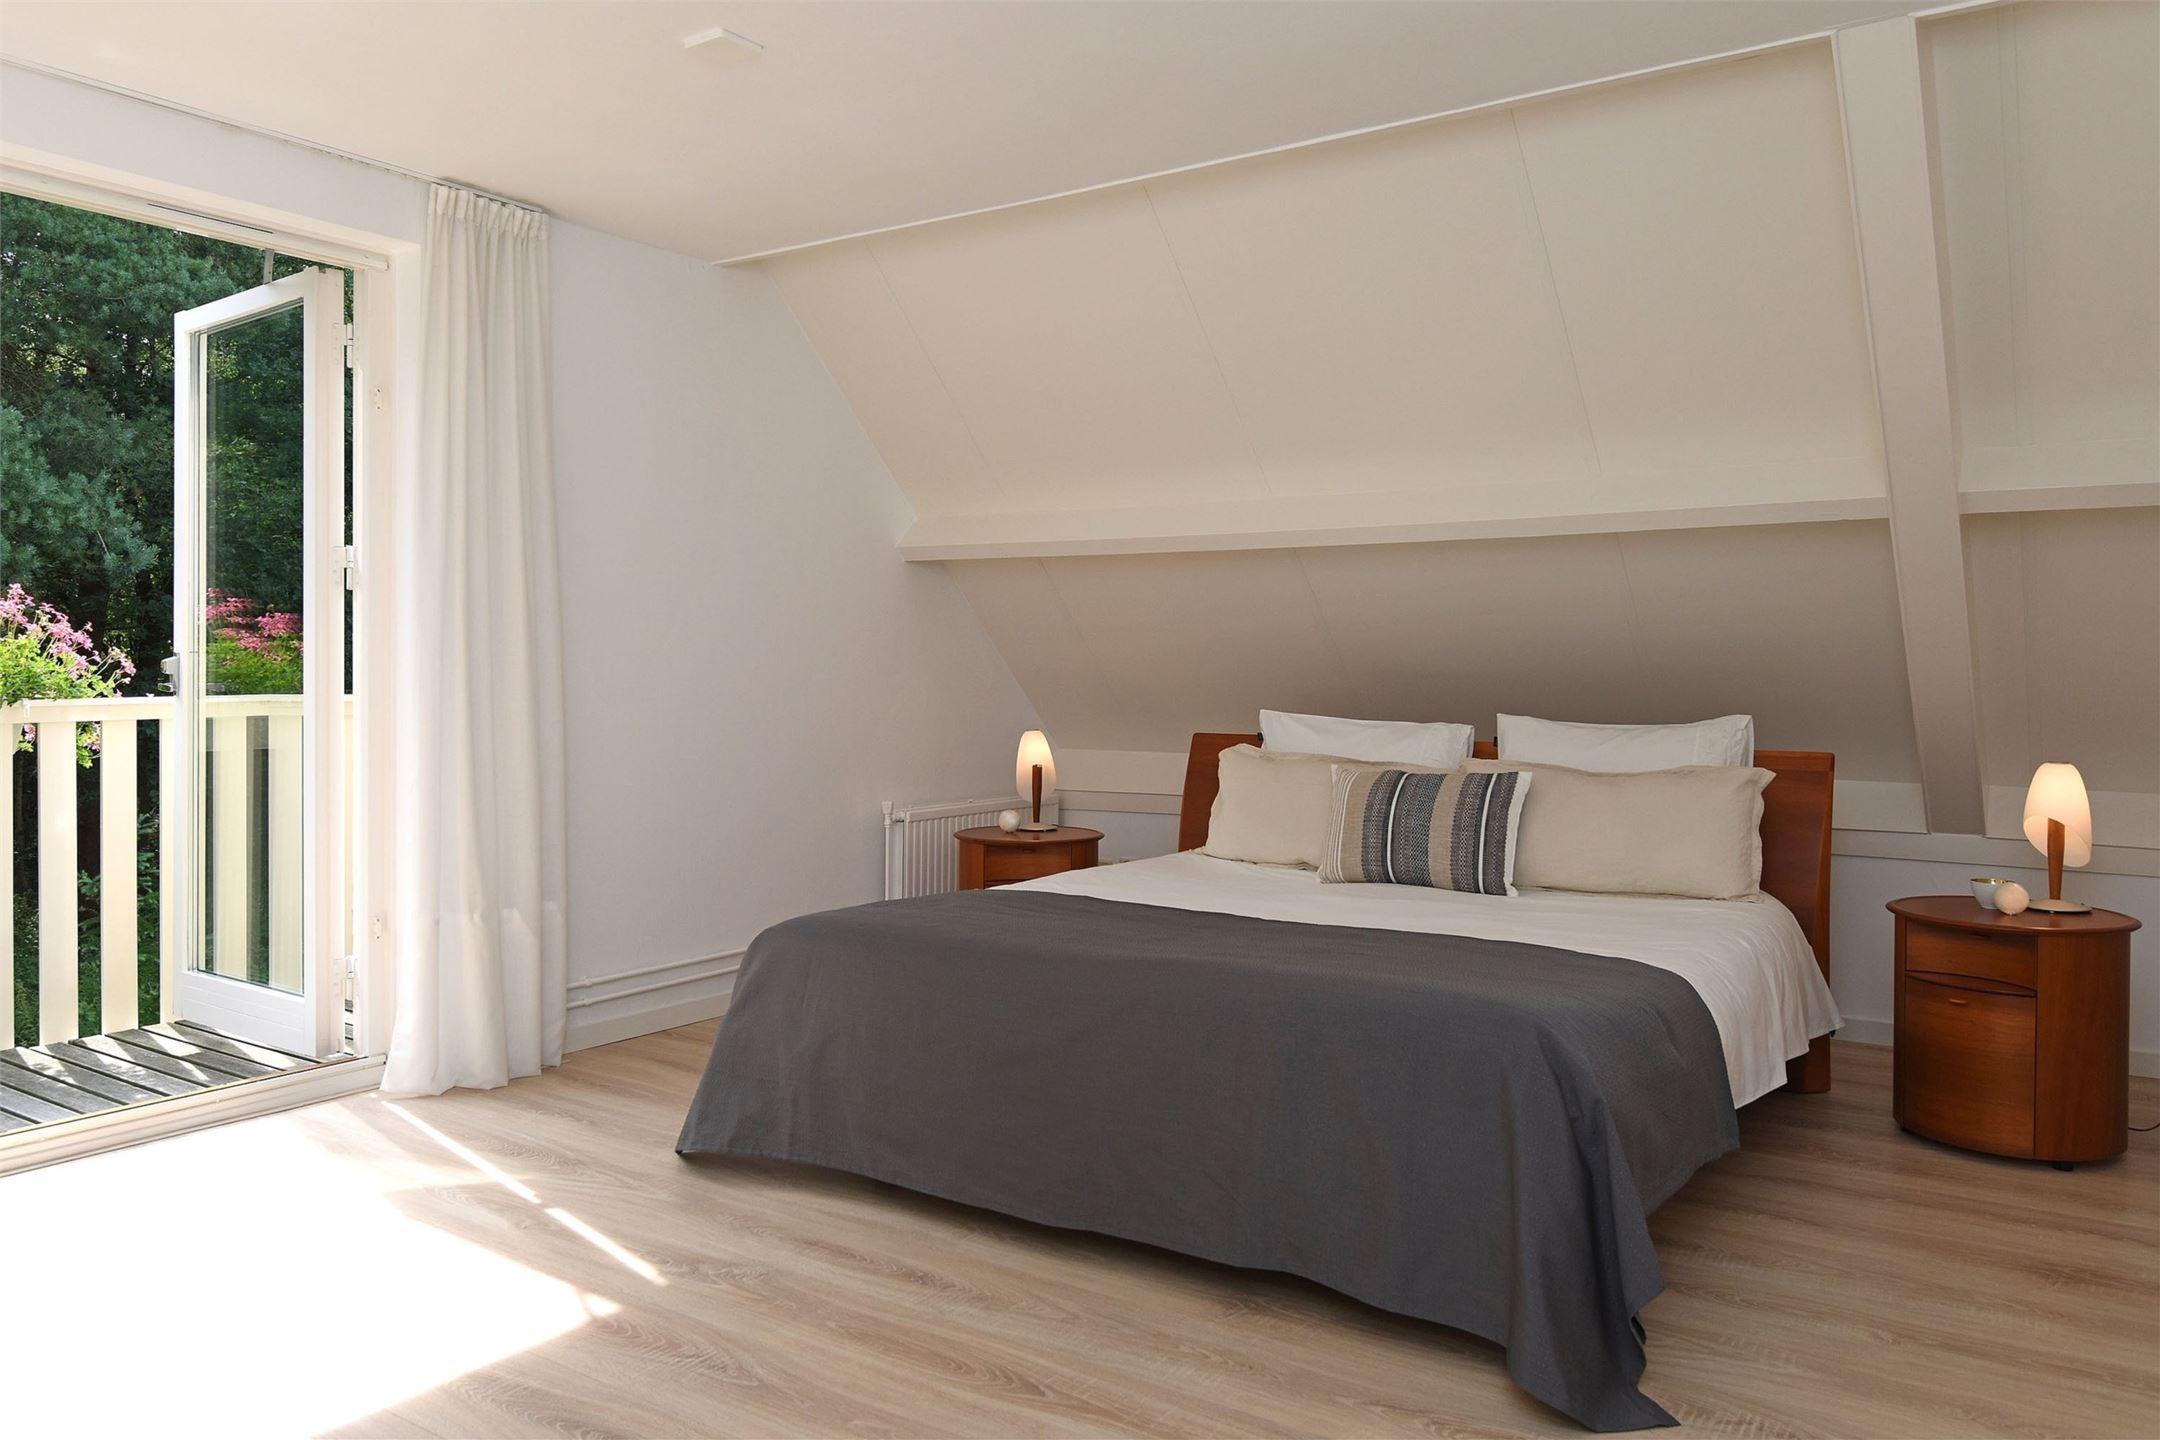 мансарда спальня кровать прикроватные тумбы лампы выход на балкон